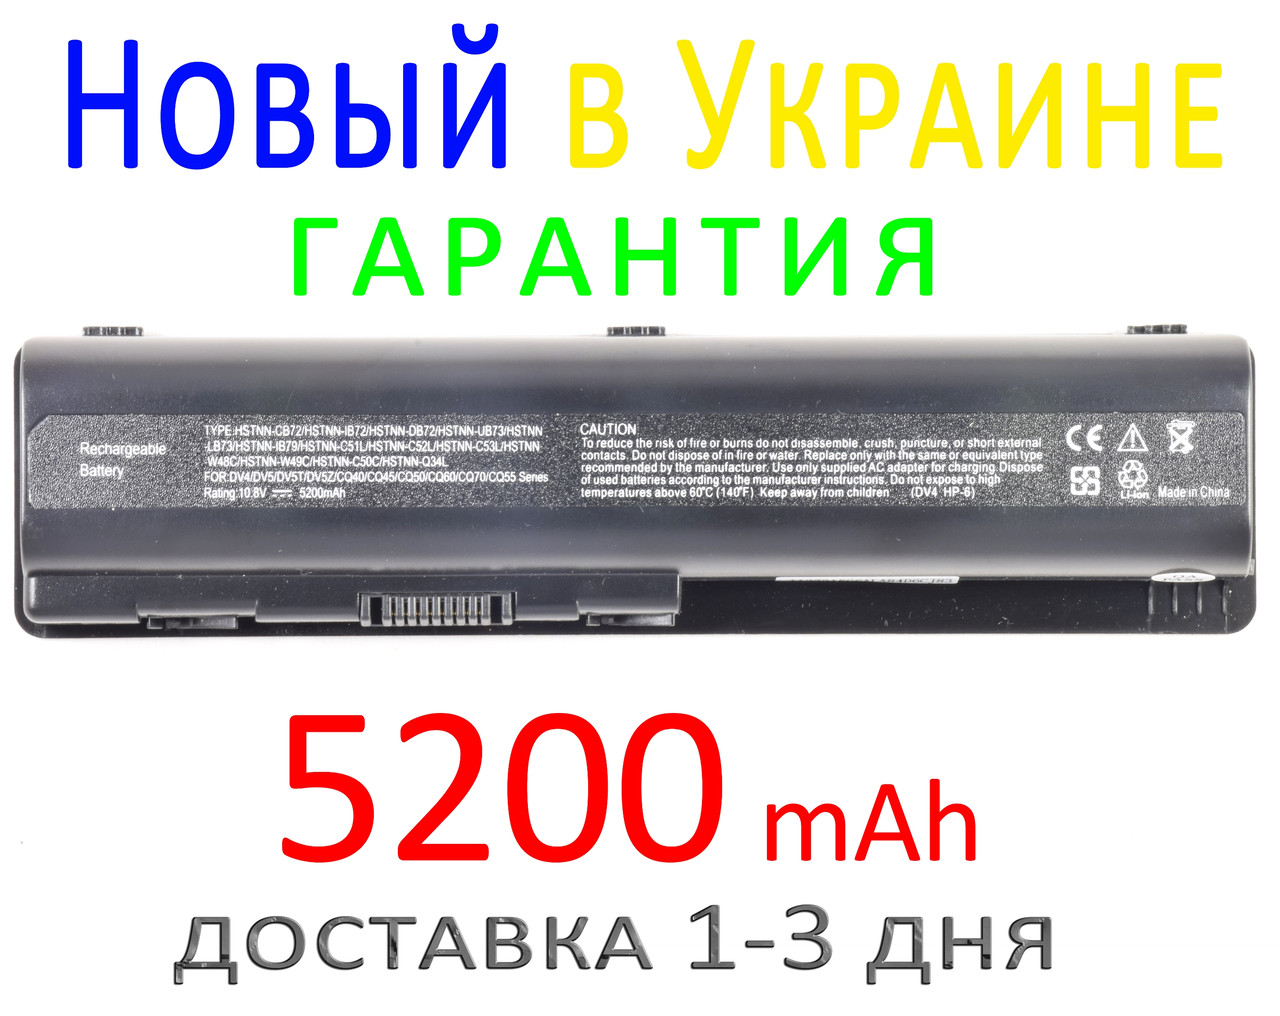 Аккумулятор батарея HP DV4 1000 DV4-1100 2100 DV5 DV6 T Z CQ40 CQ71 G50 G60 G70 HPDV4 DV4T DV4Z